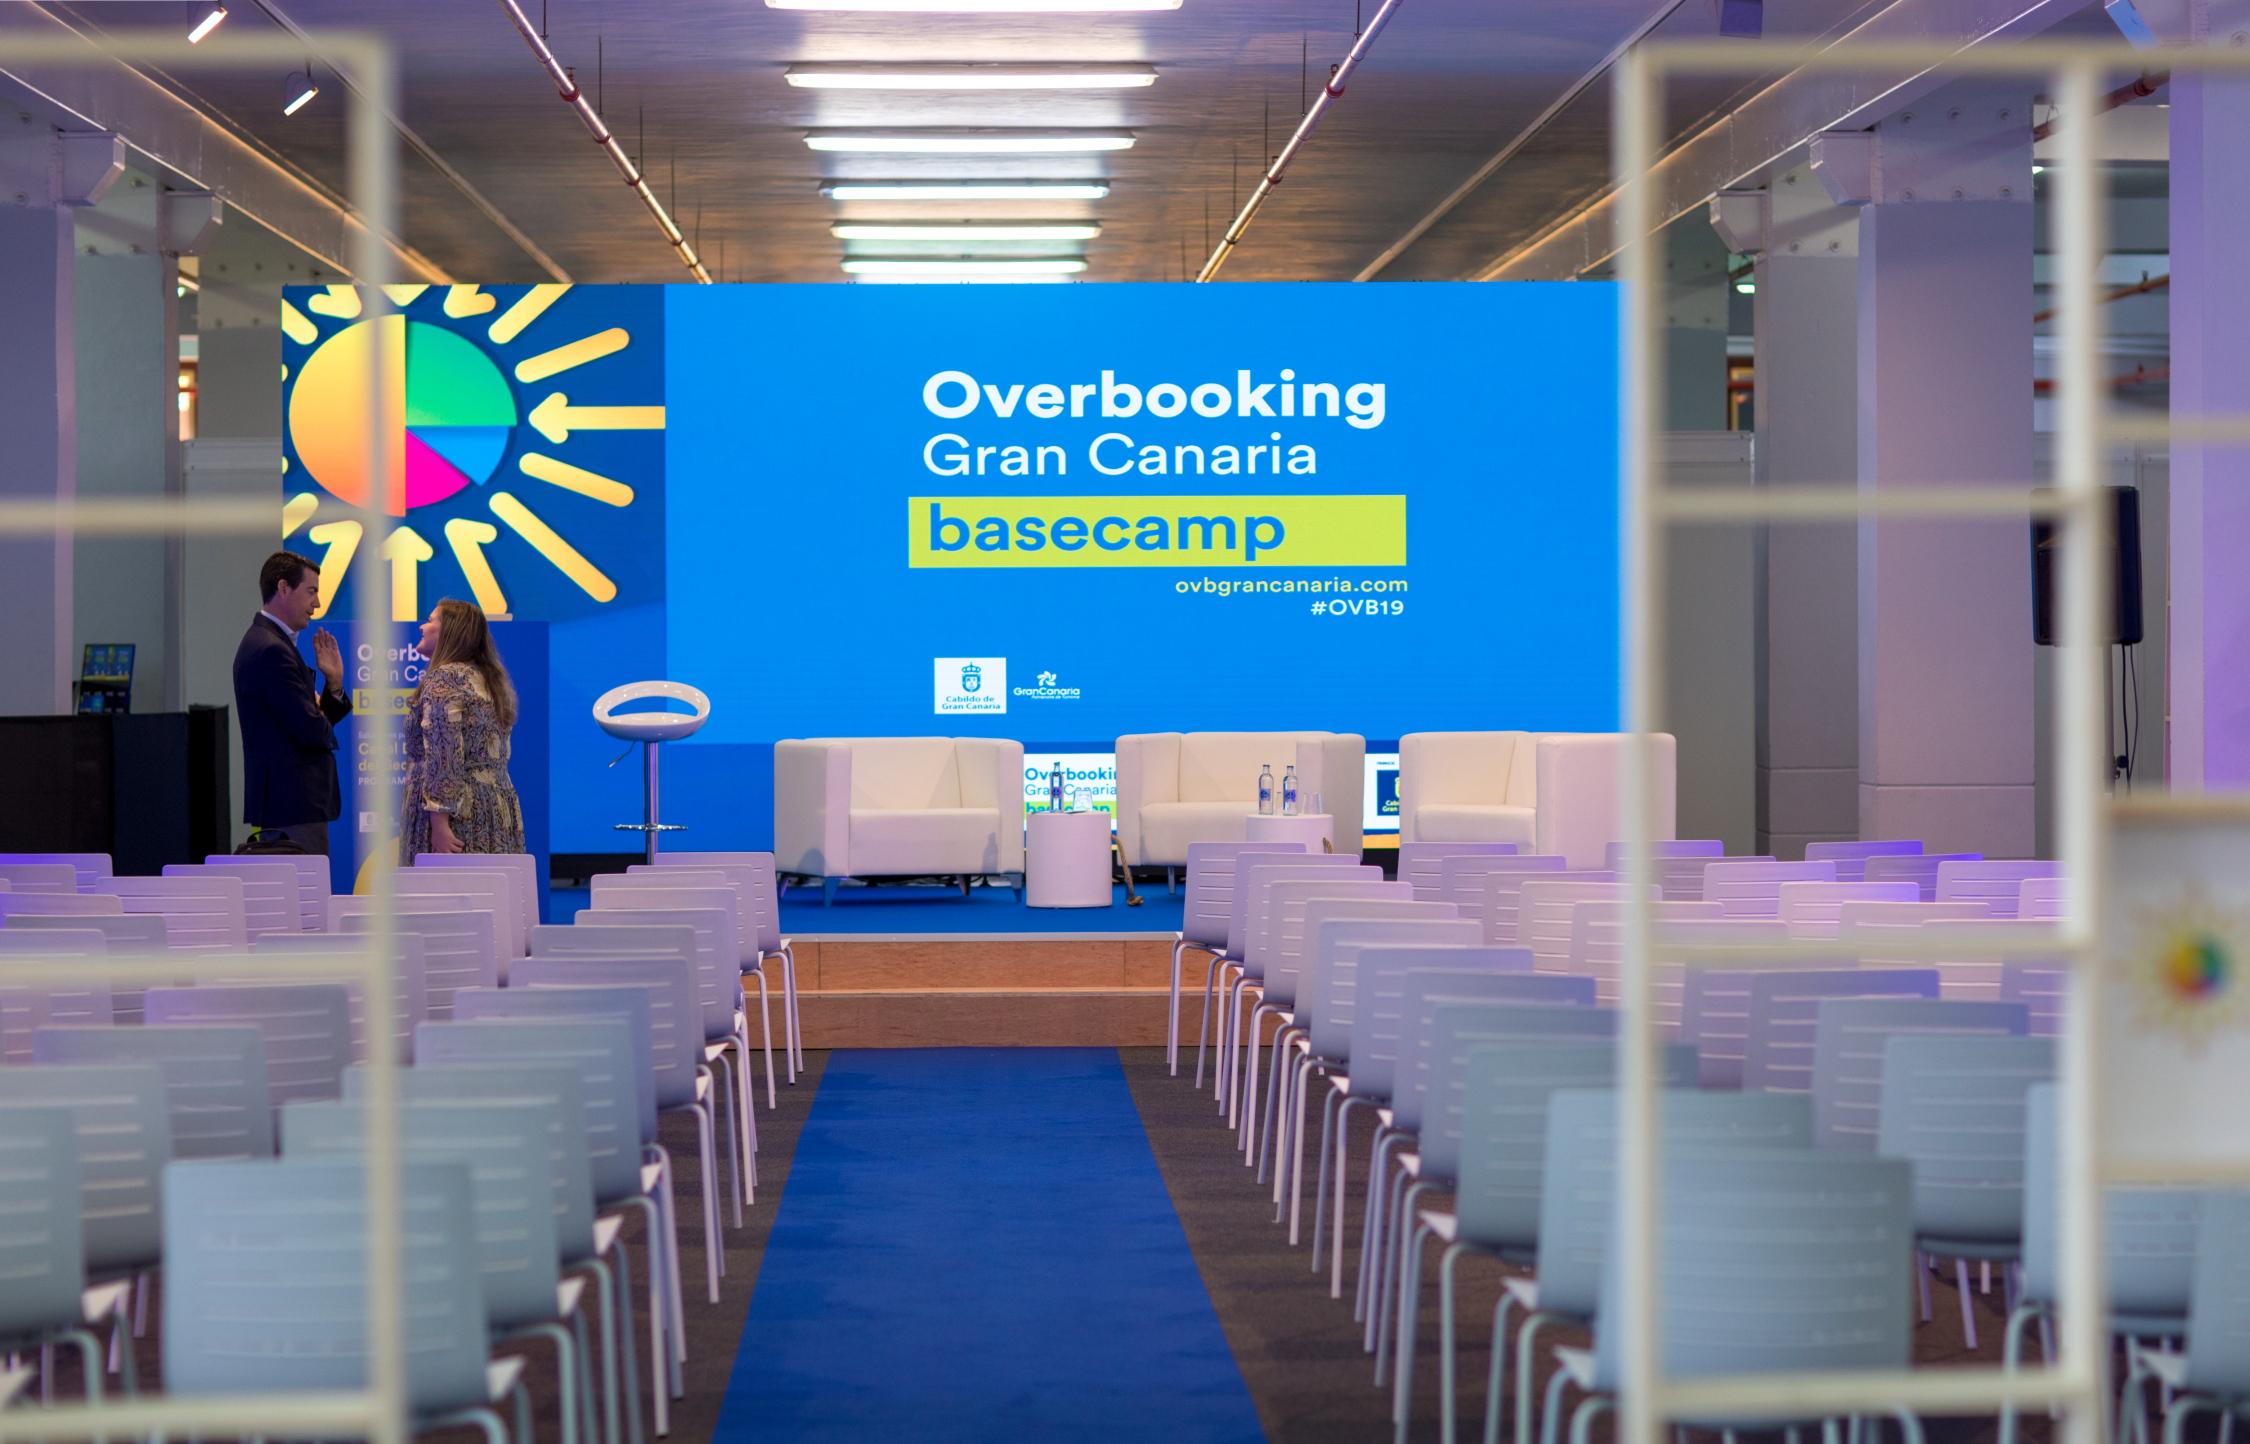 Overbooking Gran Canaria regresa en 2019 con tres Basecamp y un Summit